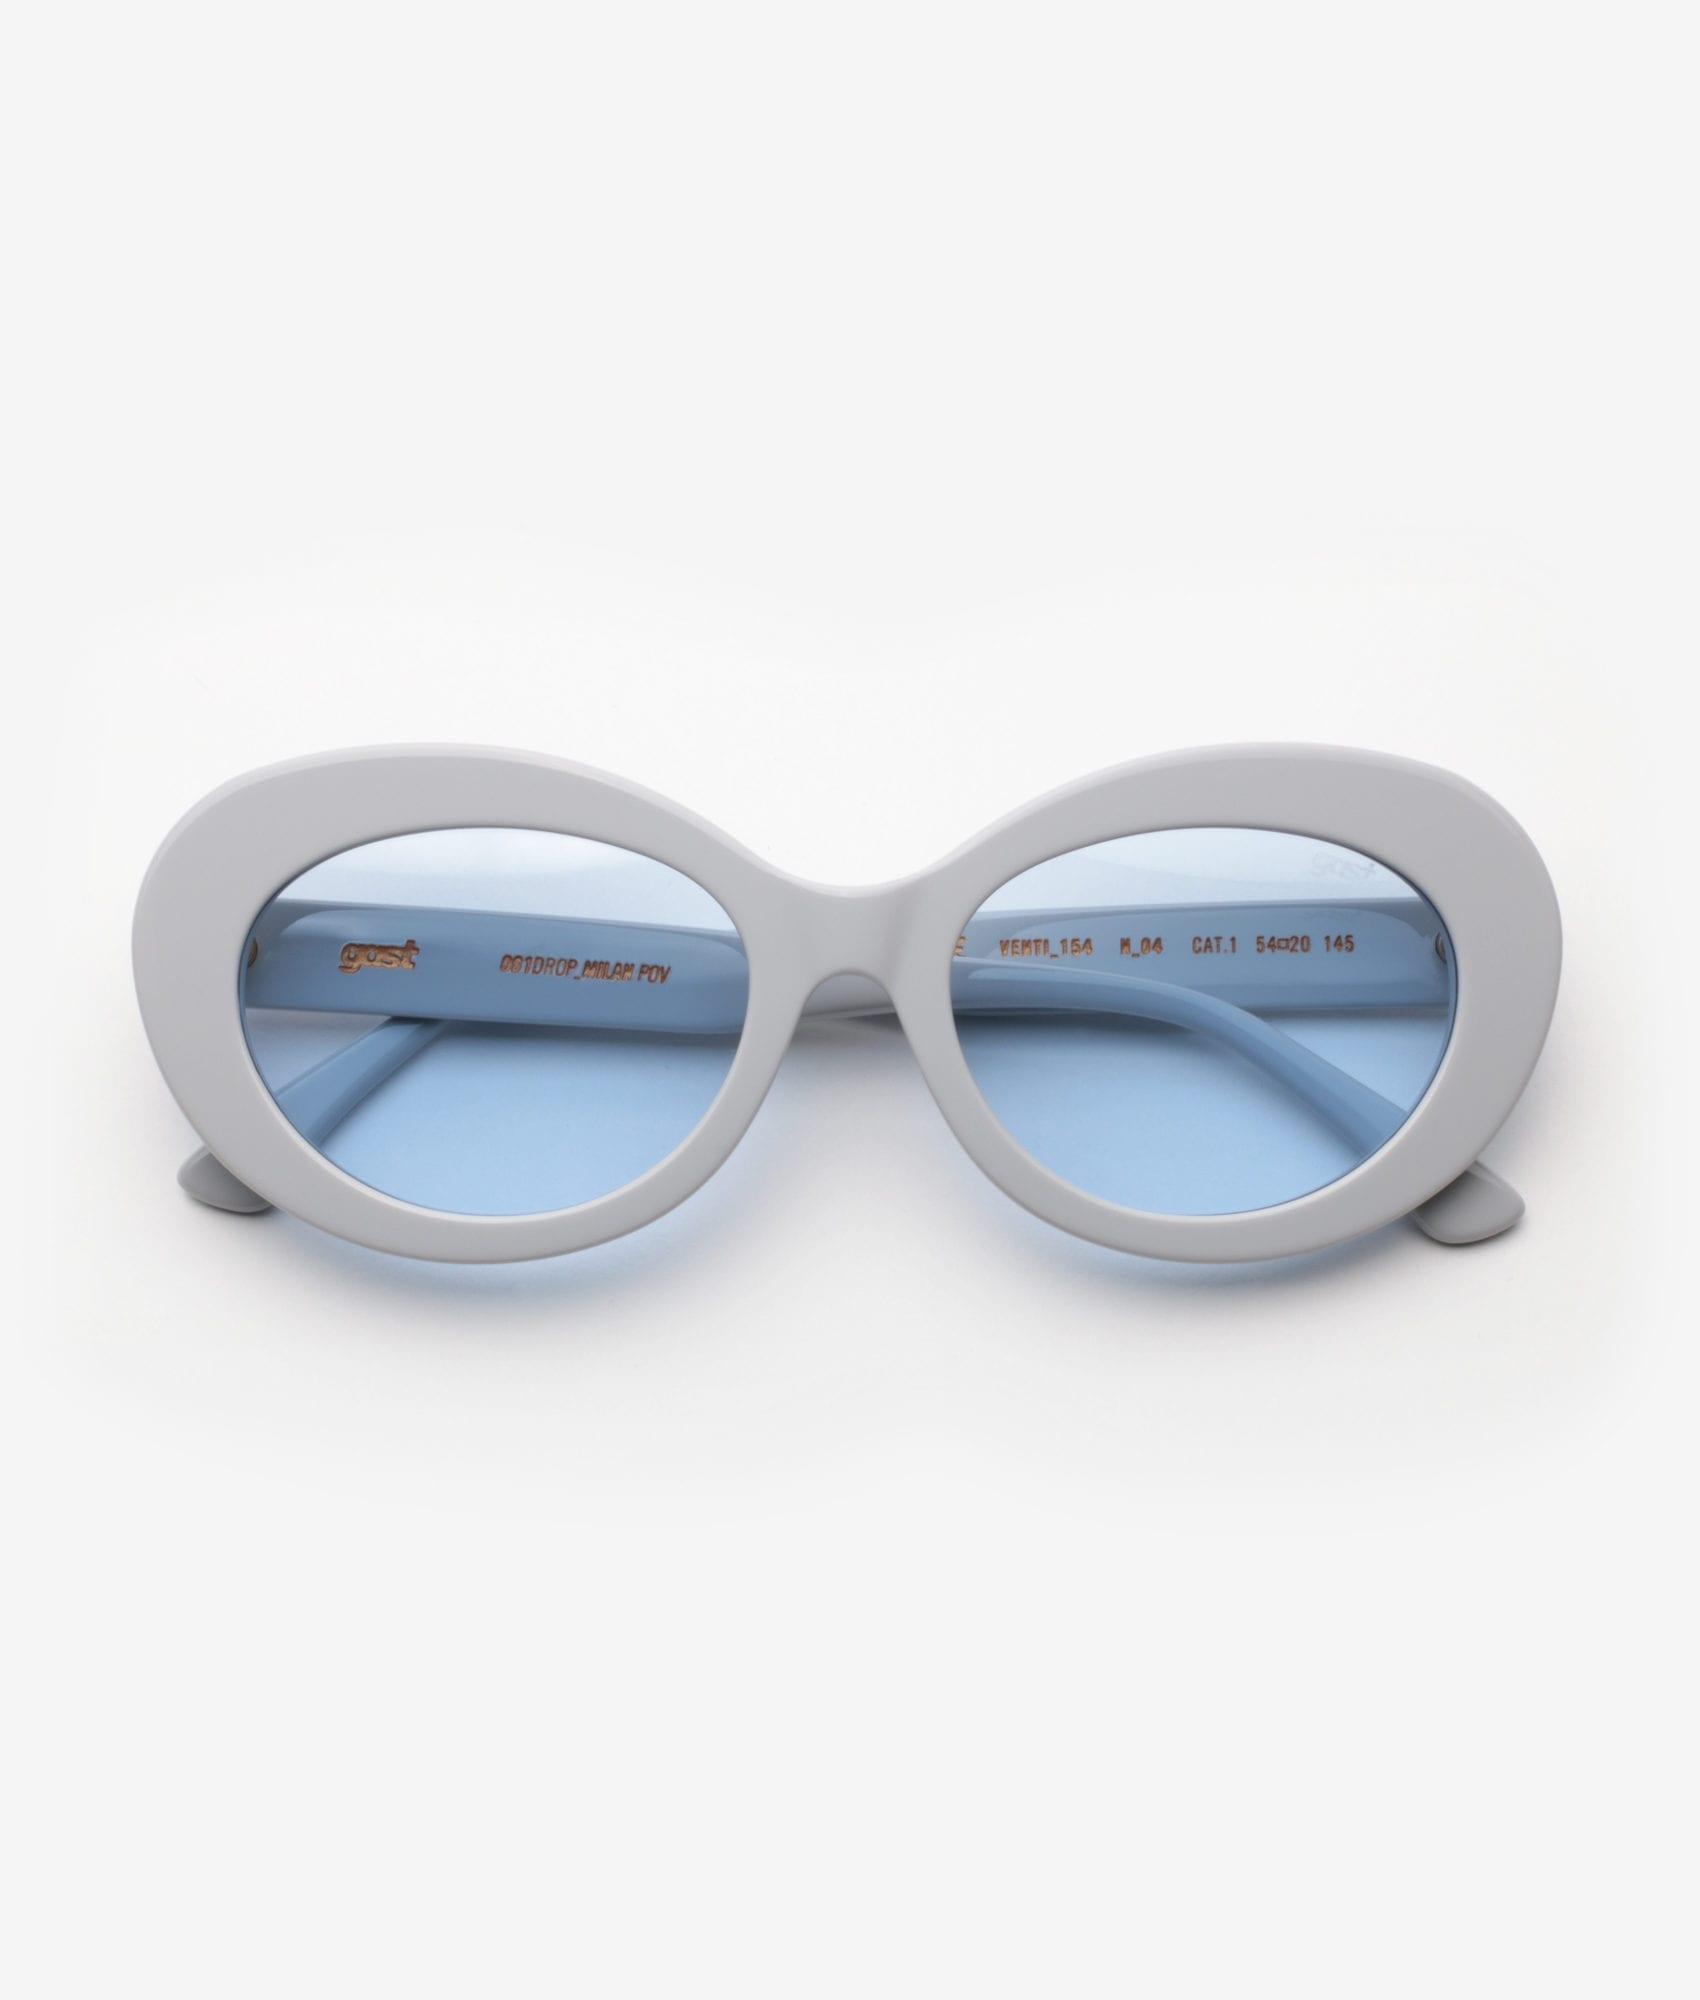 VENTI 154 Blue Gast Sunglasses